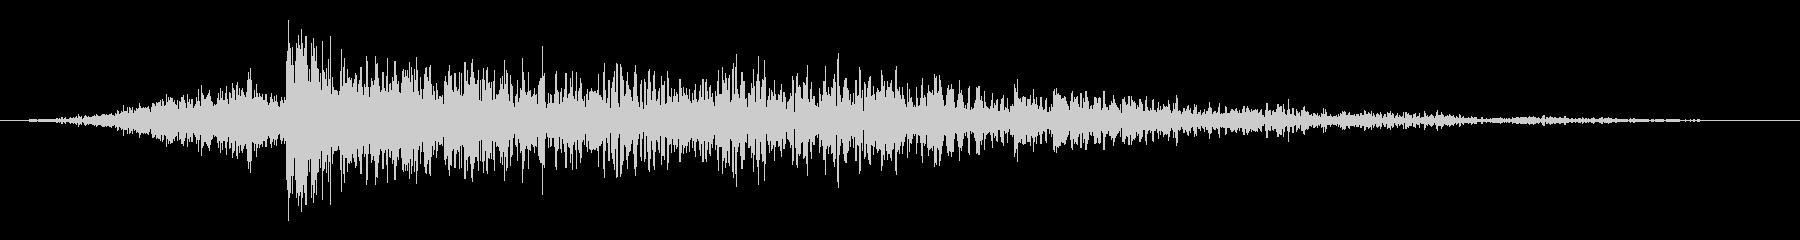 ハードインパクトアンドランブル3の未再生の波形